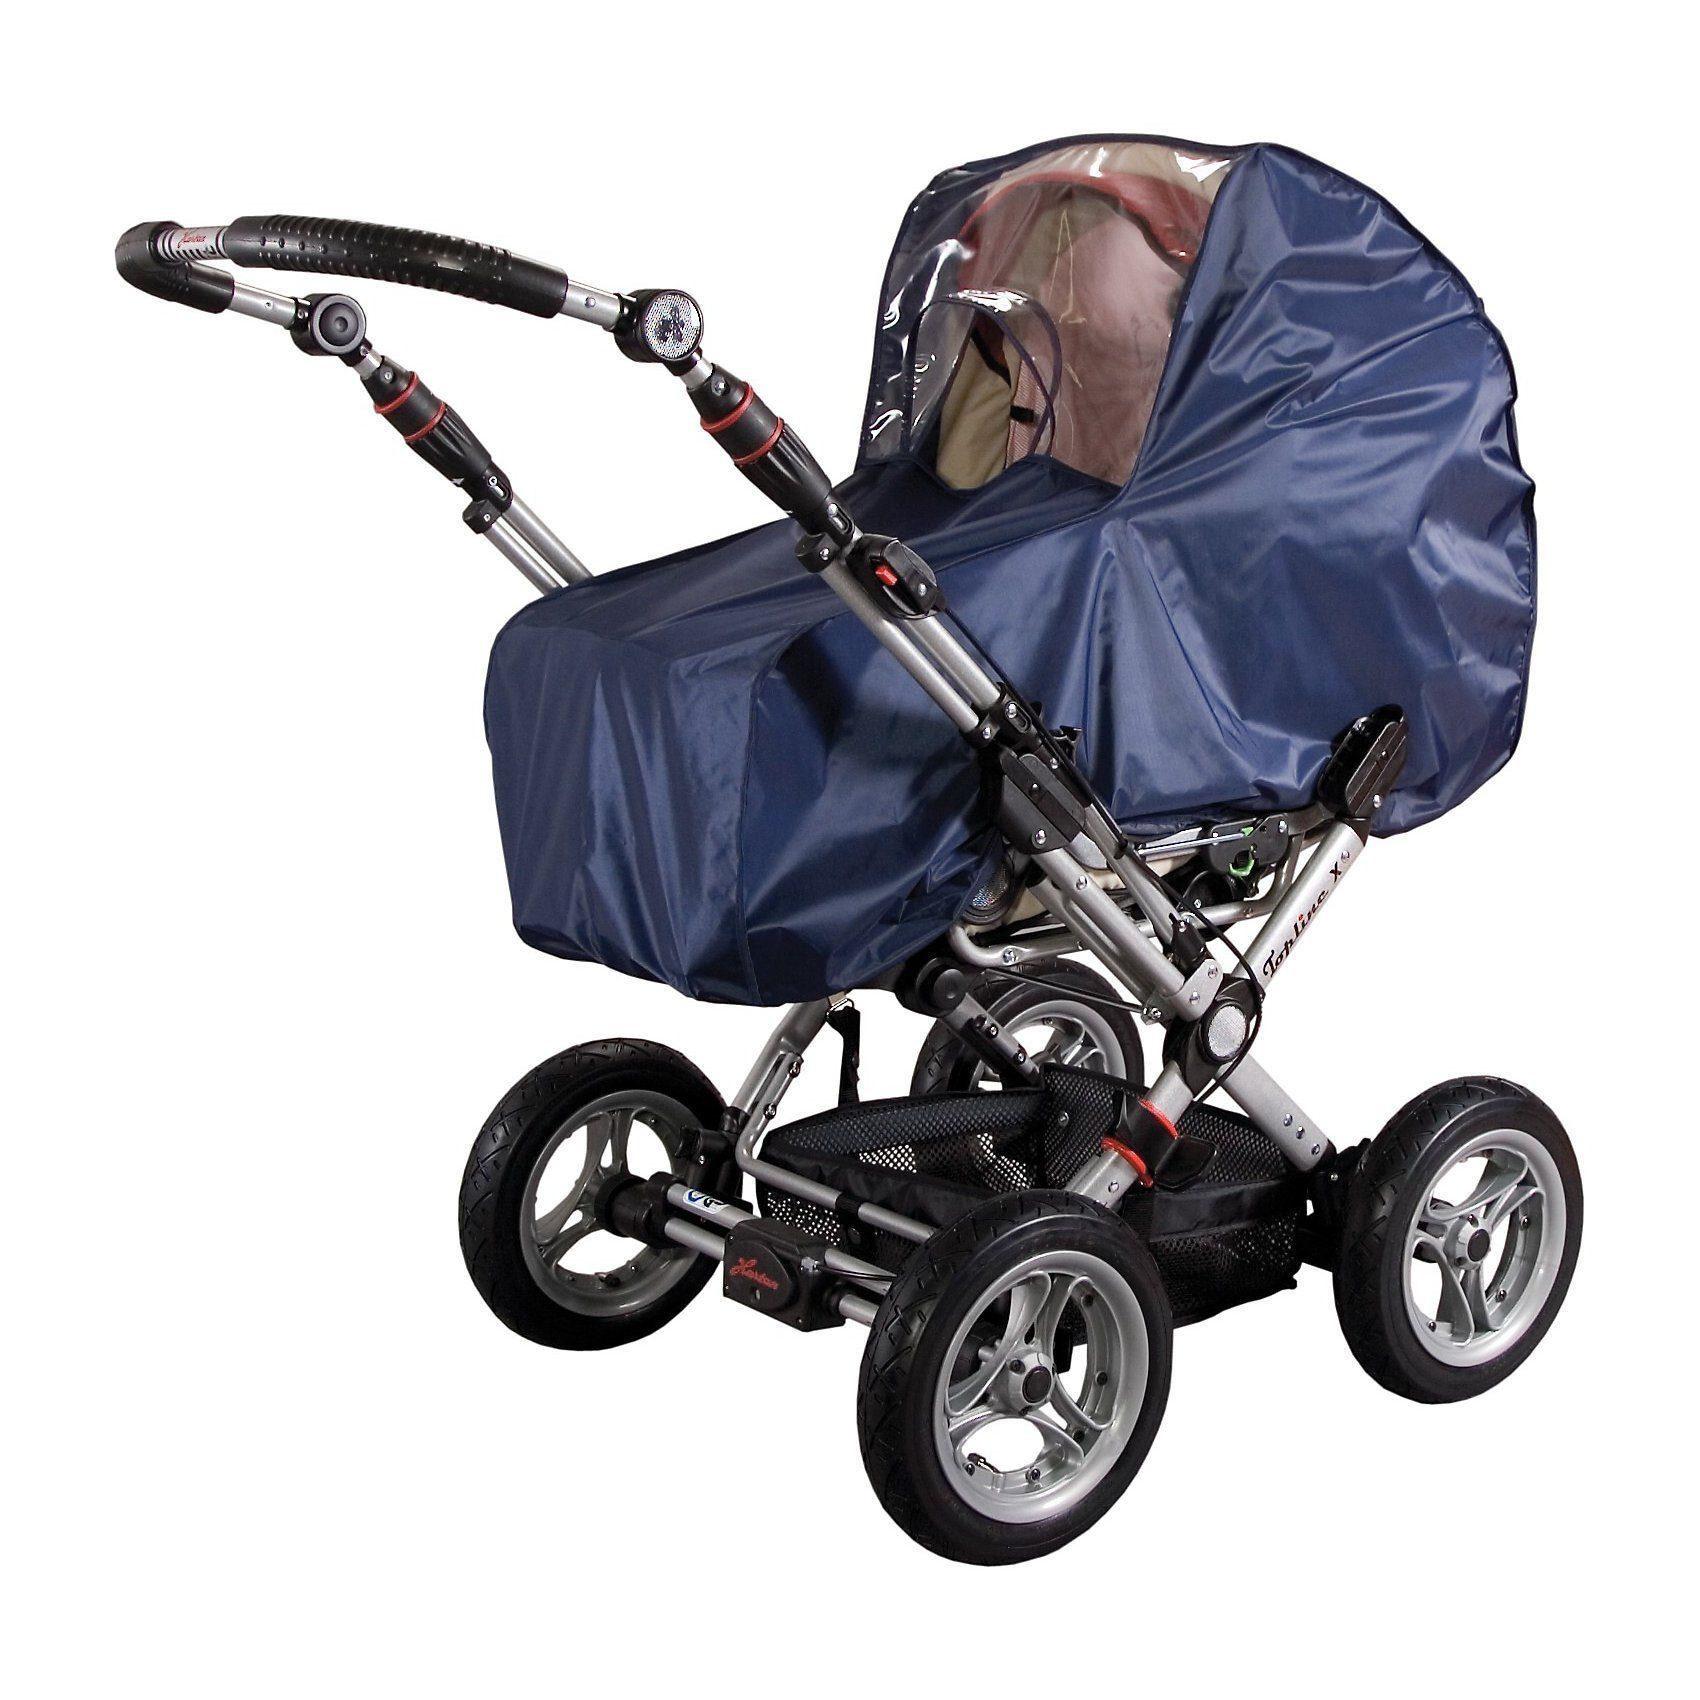 sunnybaby Regenverdeck für Kinderwagen, Nylon, marine